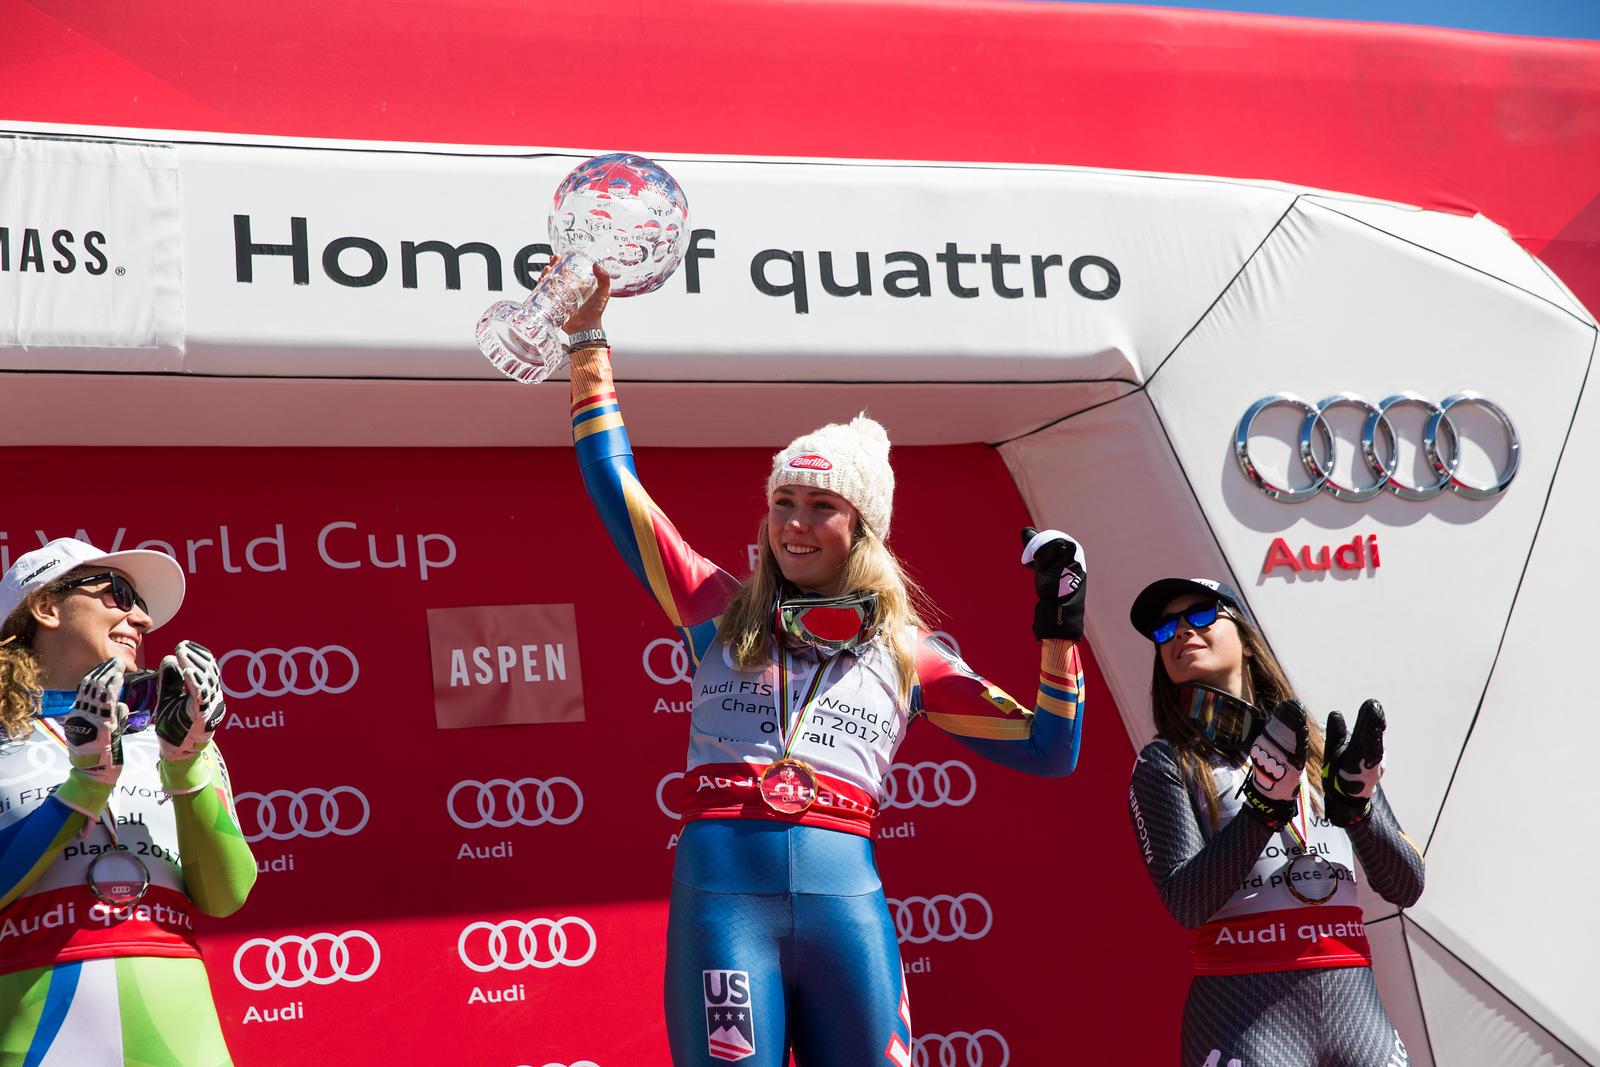 Ilka Stuhec, Mikaela Shiffrin and Sofia Goggia 2016-17 Alpine Overall World Cup Champion Crystal Globe 2017 Audi FIS Ski World Cup finals in Aspen, CO. Photo: U.S. Ski Team